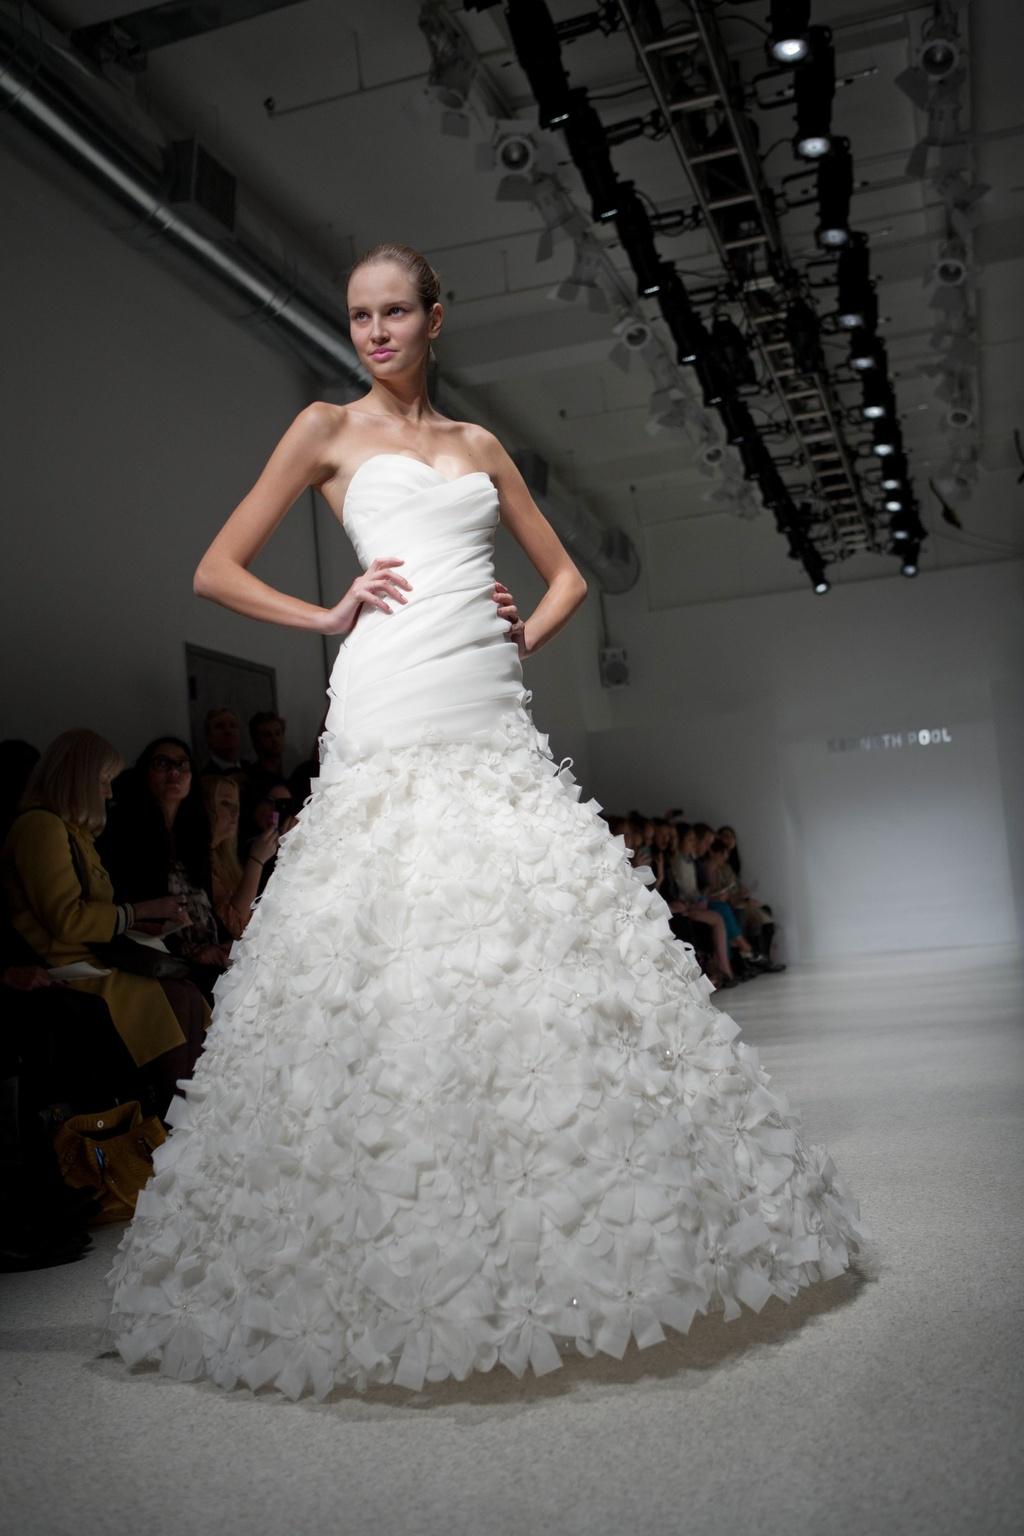 Kenneth-pool-2012-wedding-dress-textured-skirt.full